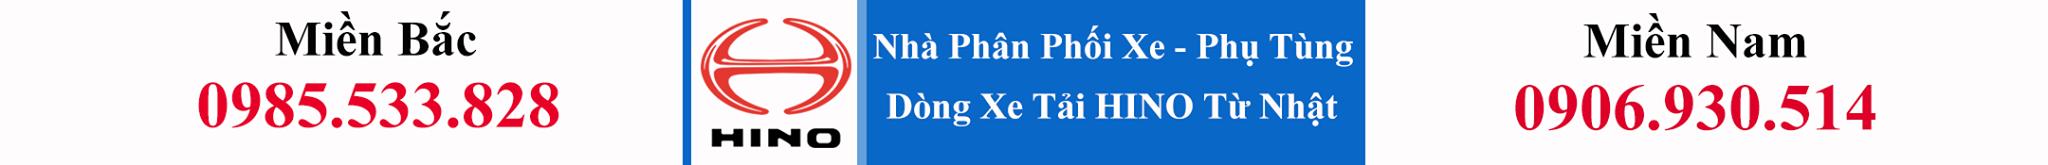 XE TAI HINO|XE HINO|XE TẢI HINO|HINO|HINO ViỆT NAM